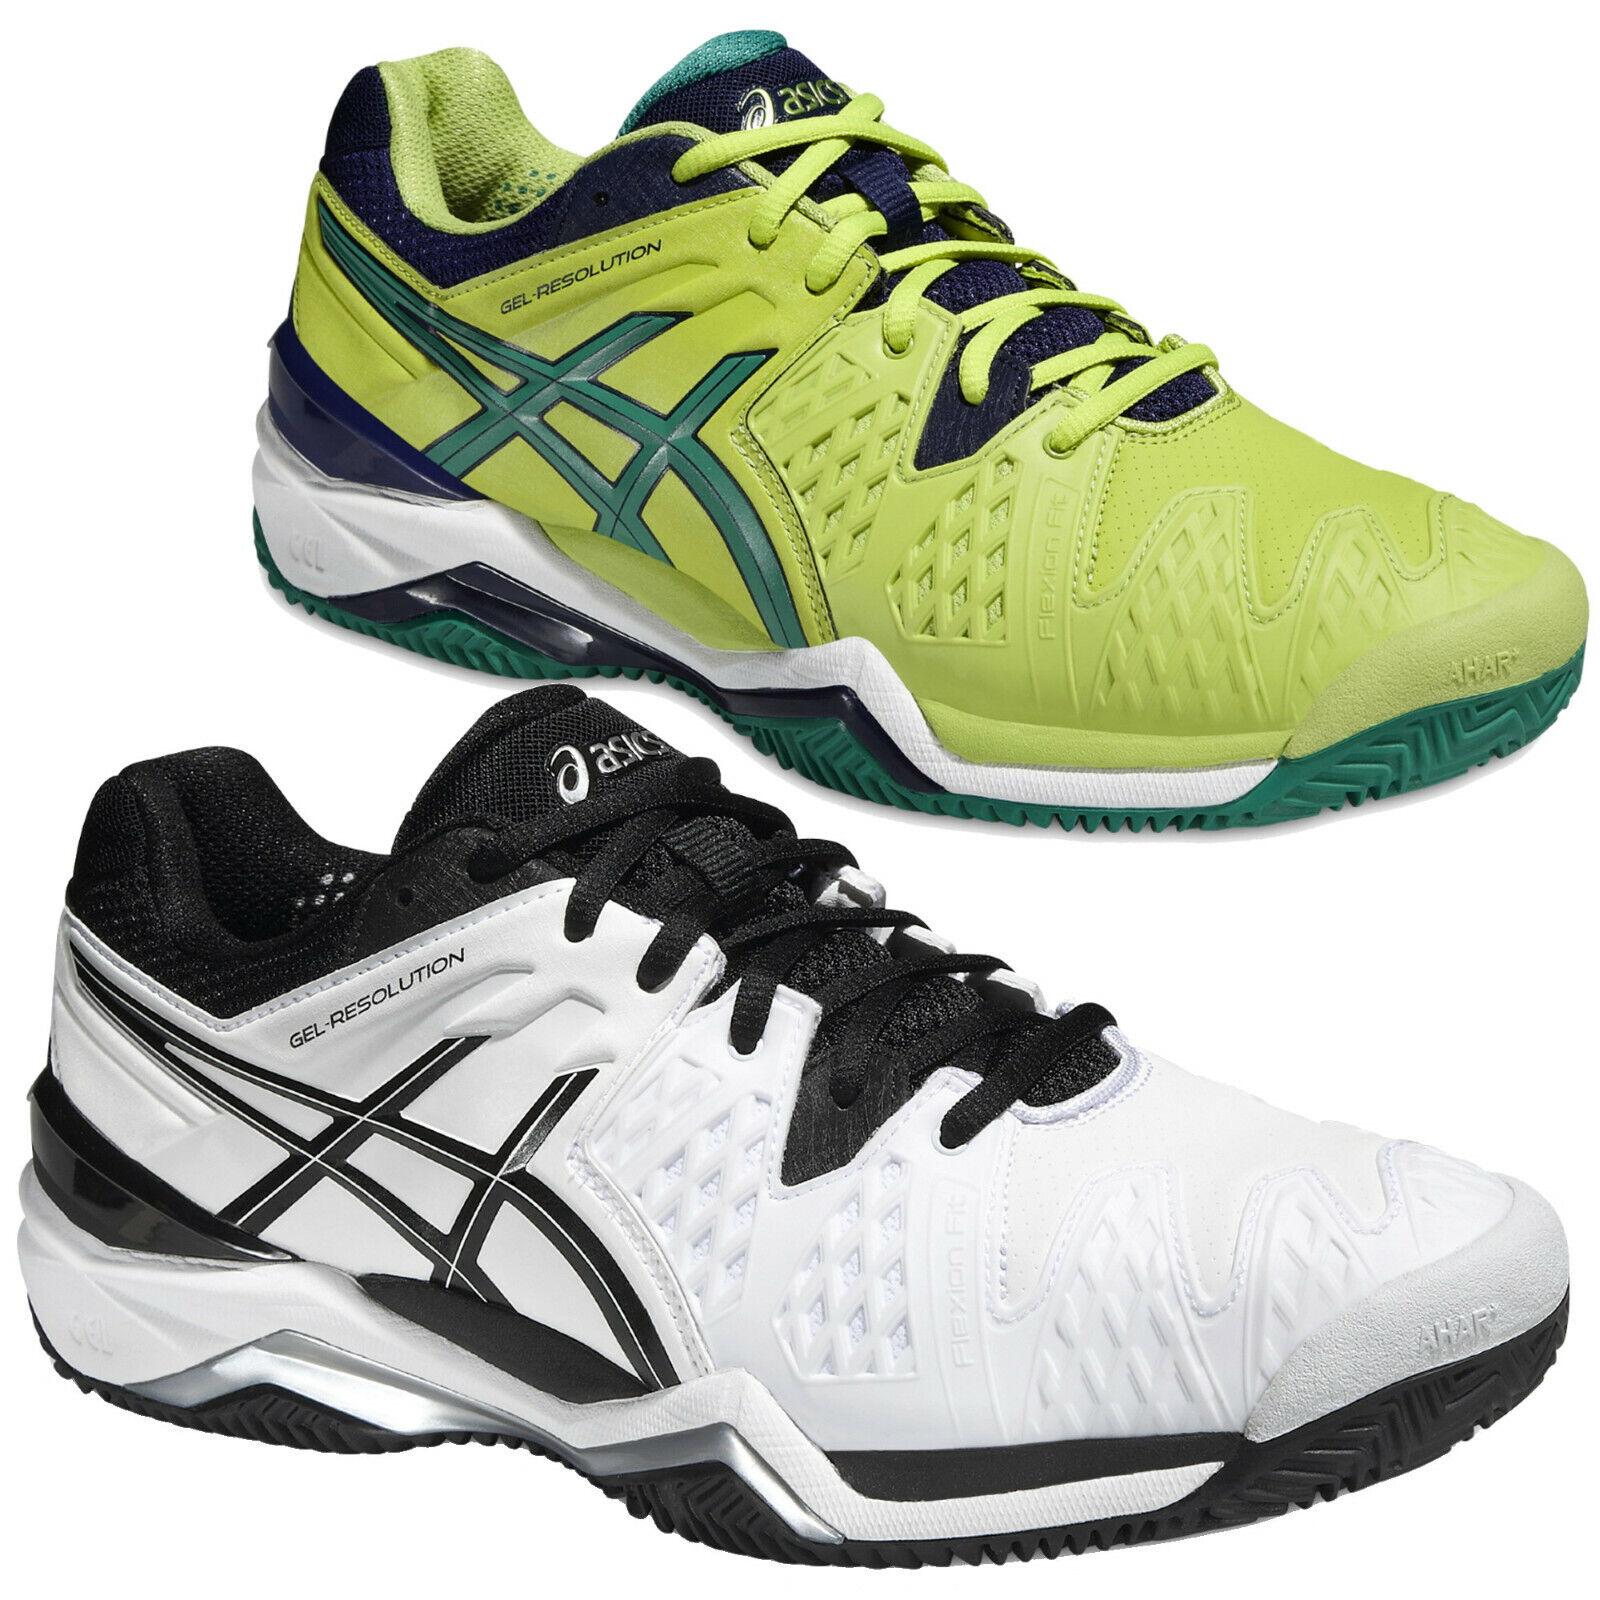 Tennisschuhe Asics Clay Test Vergleich +++ Tennisschuhe